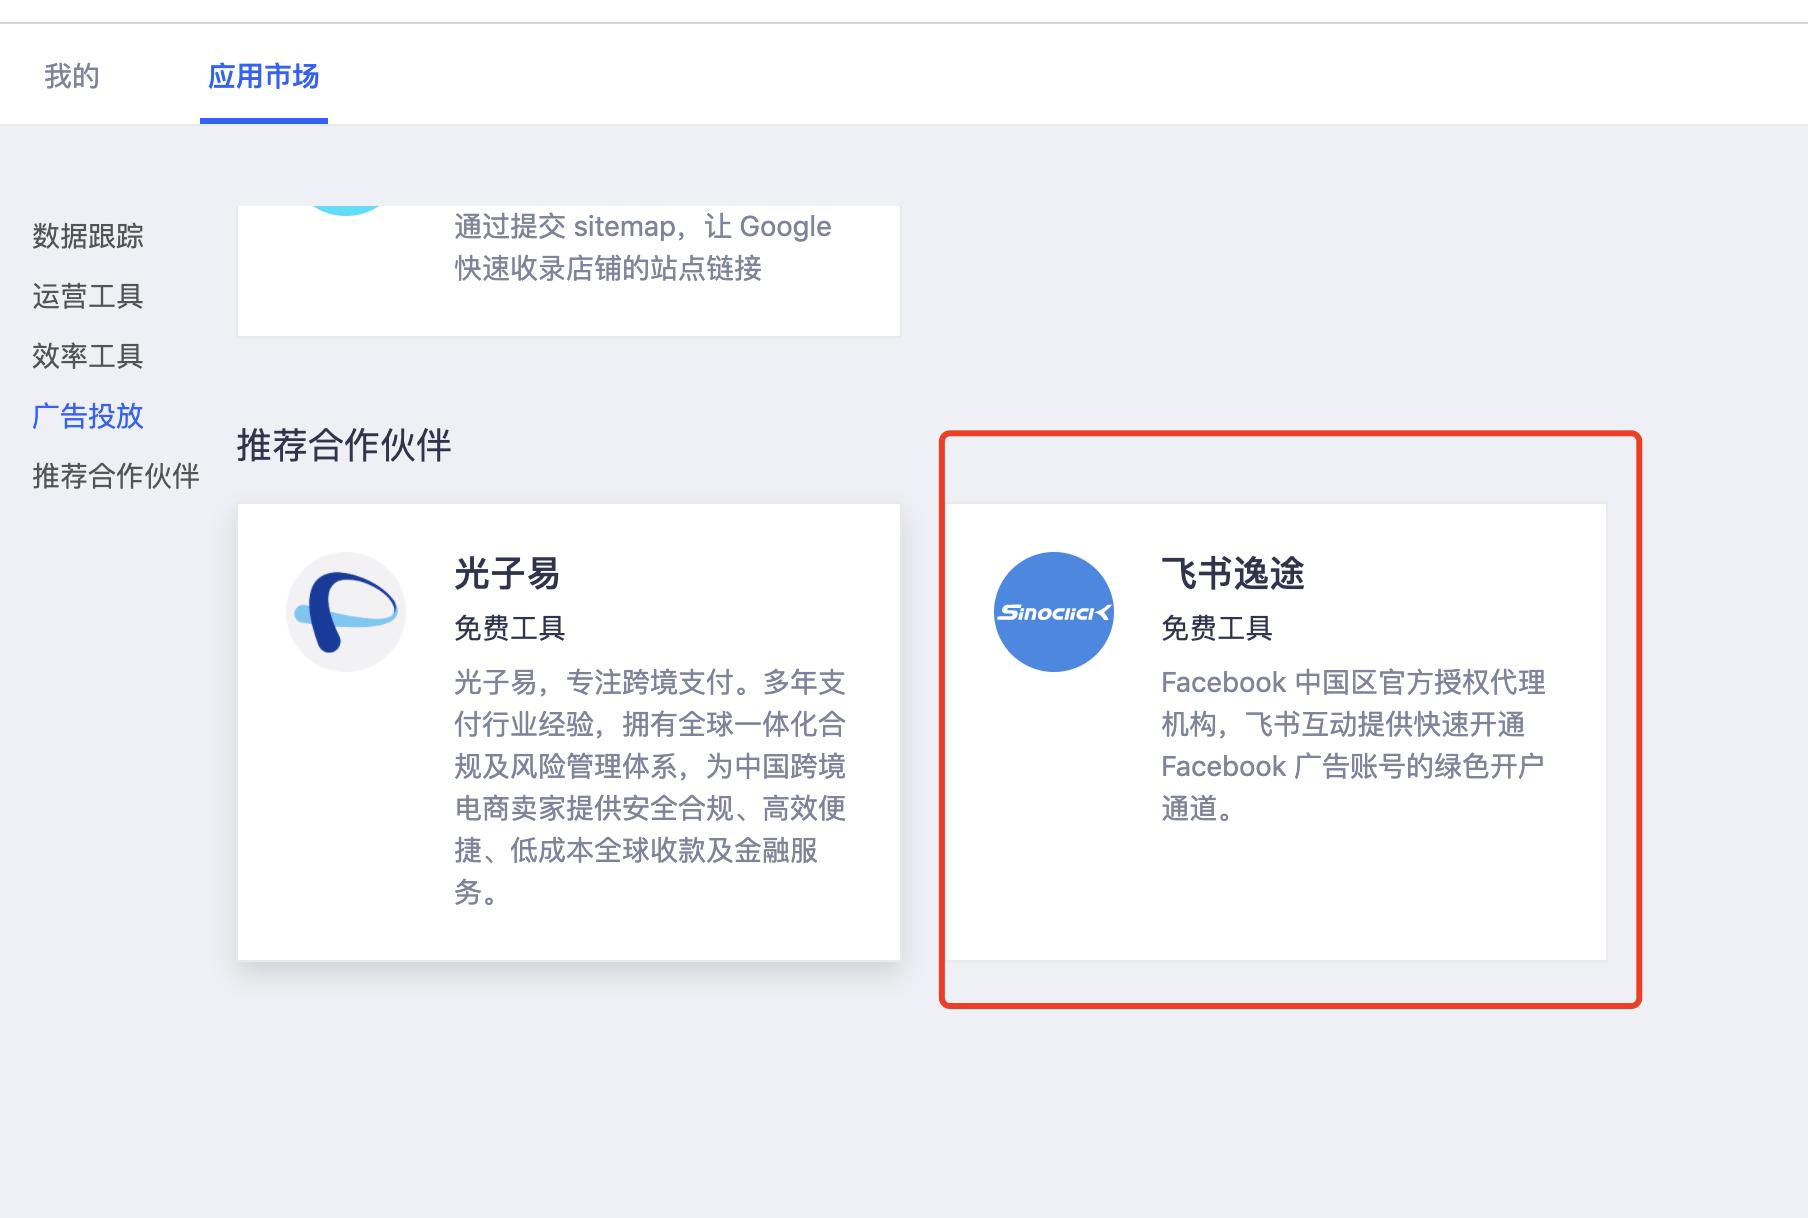 独立站后台Facebook 广告投放快速开户操作教程